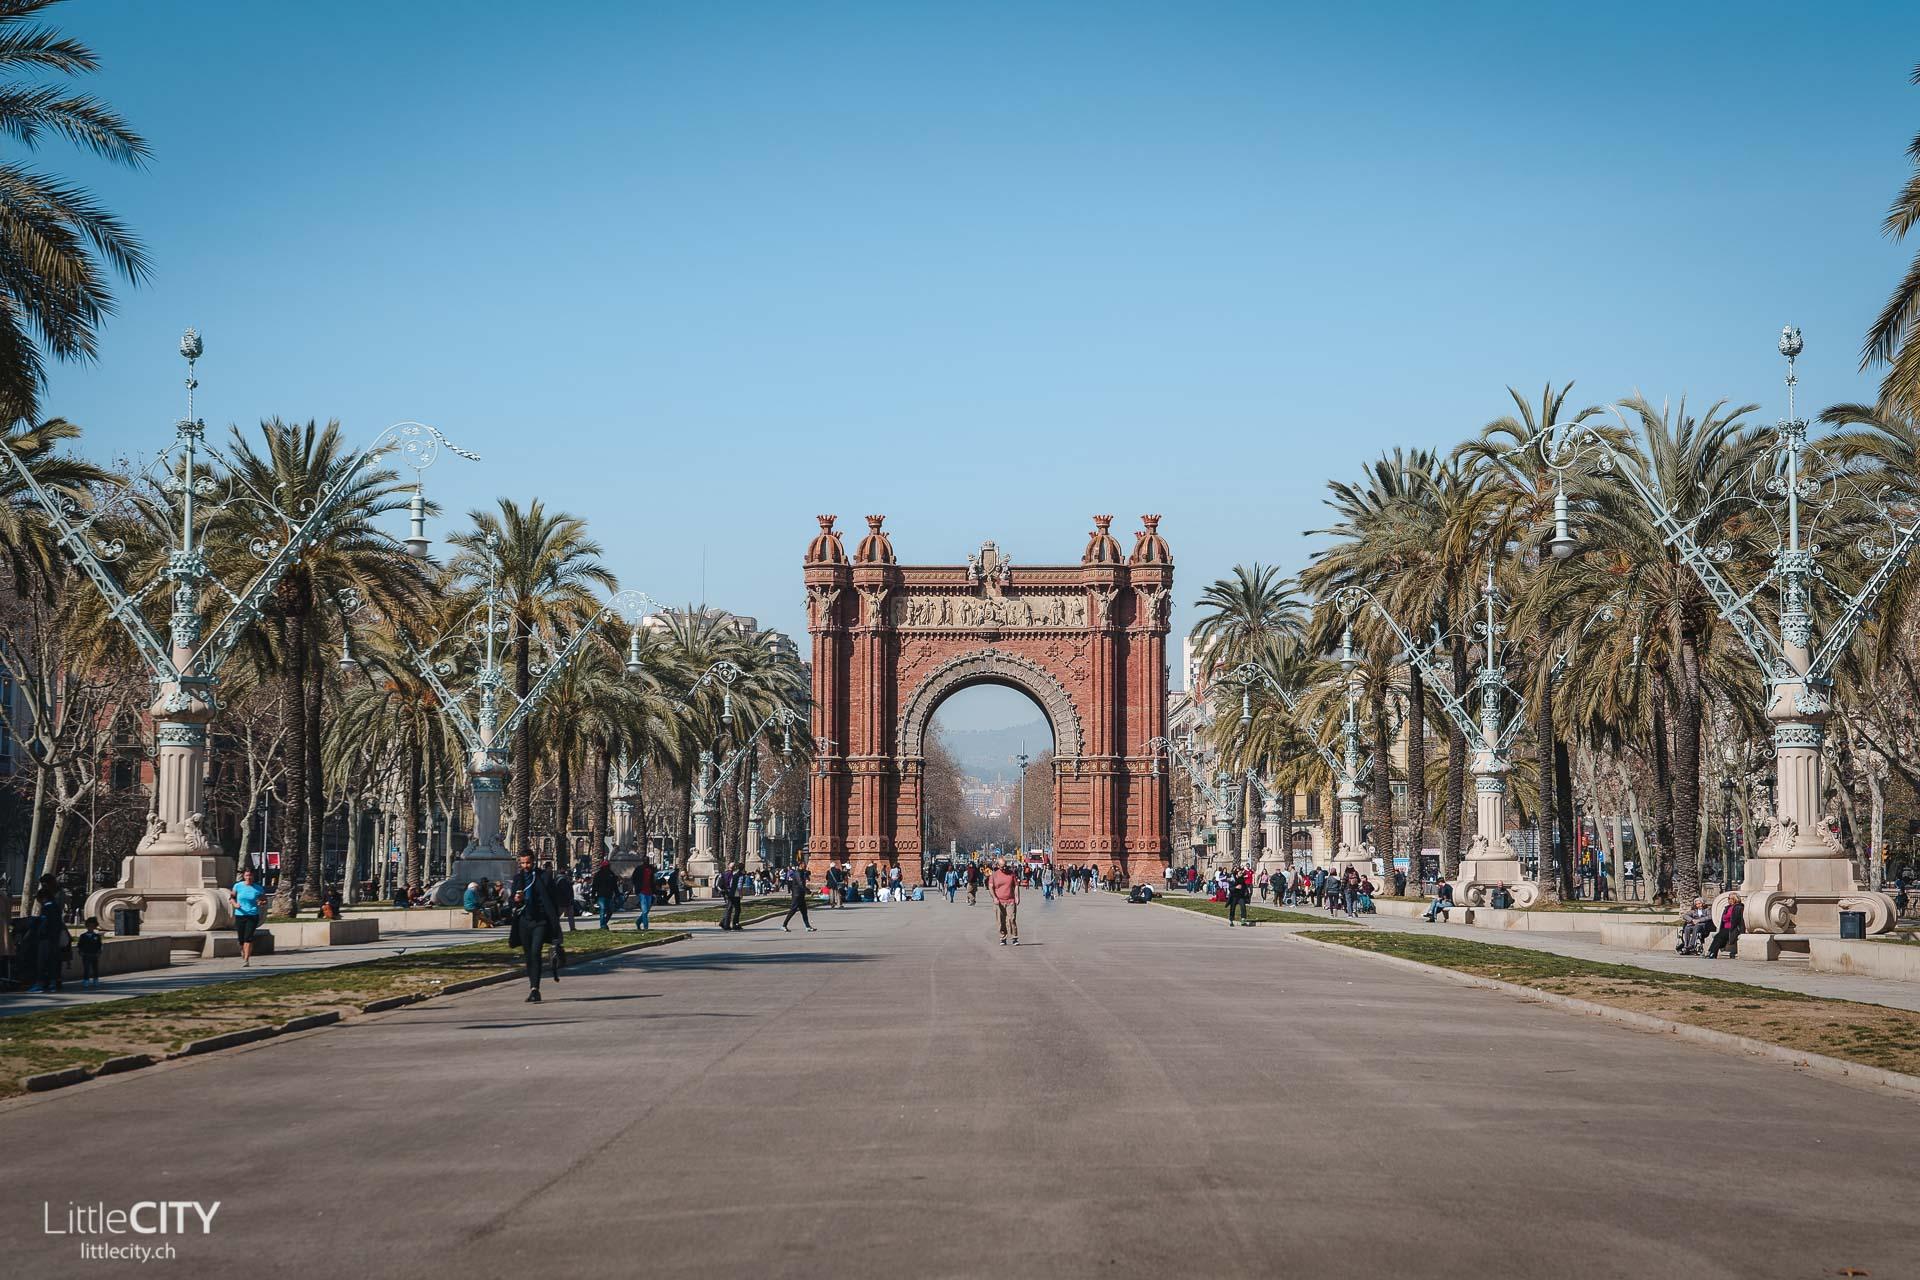 Barcelona Arc de Triomf Sehenswürdigkeiten